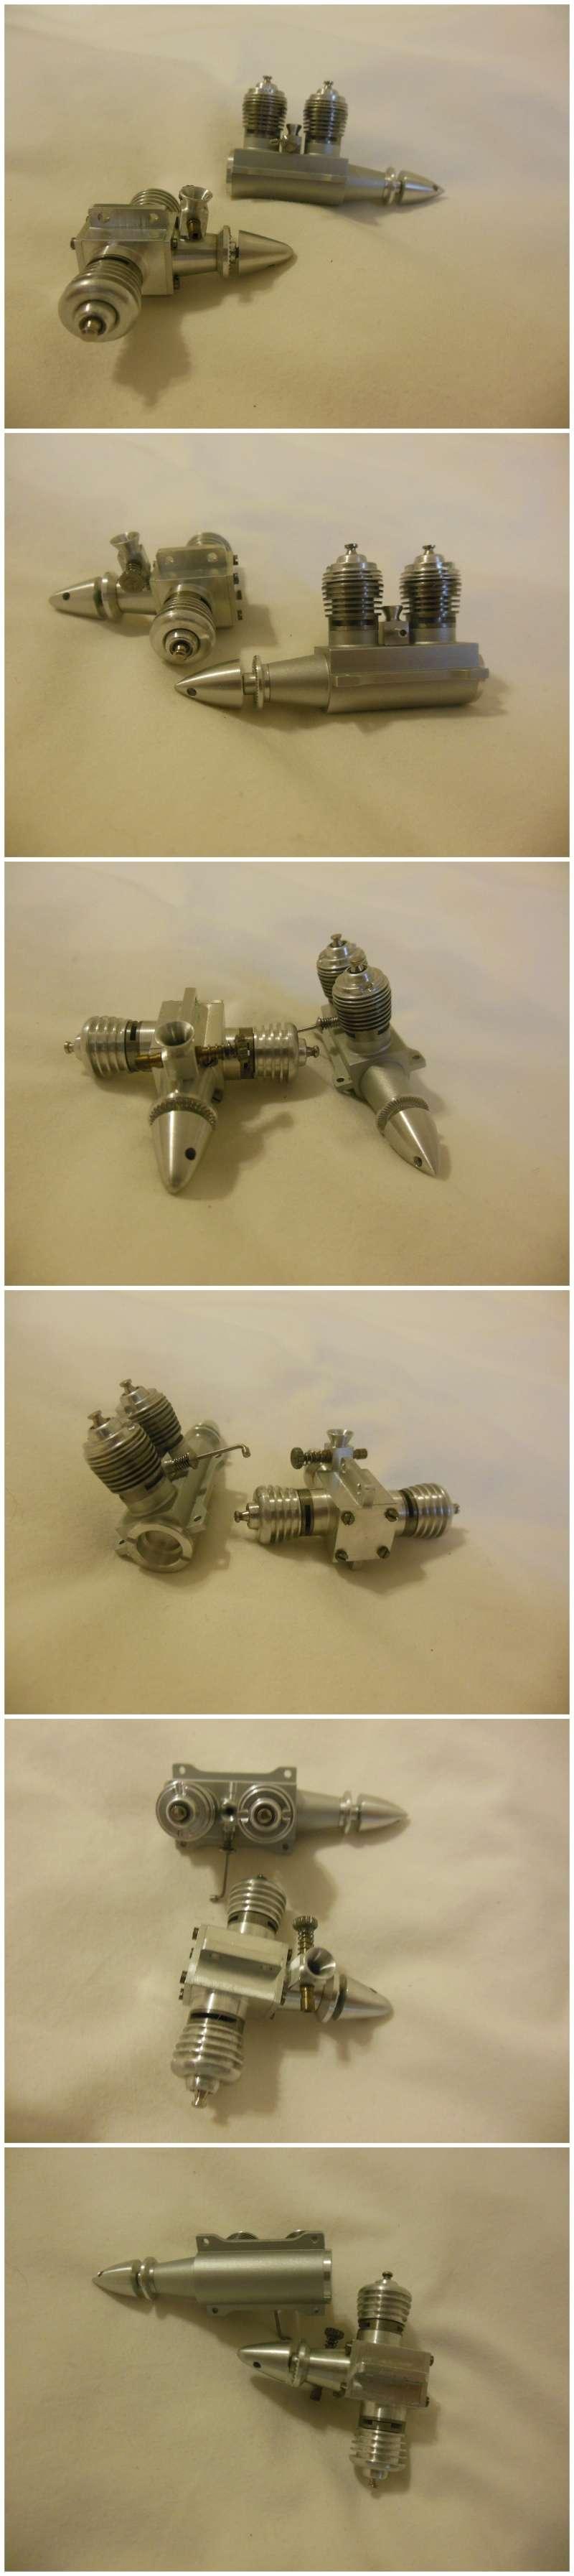 Rasant Twin Glow engines 0.98cc x 2 Rasant13